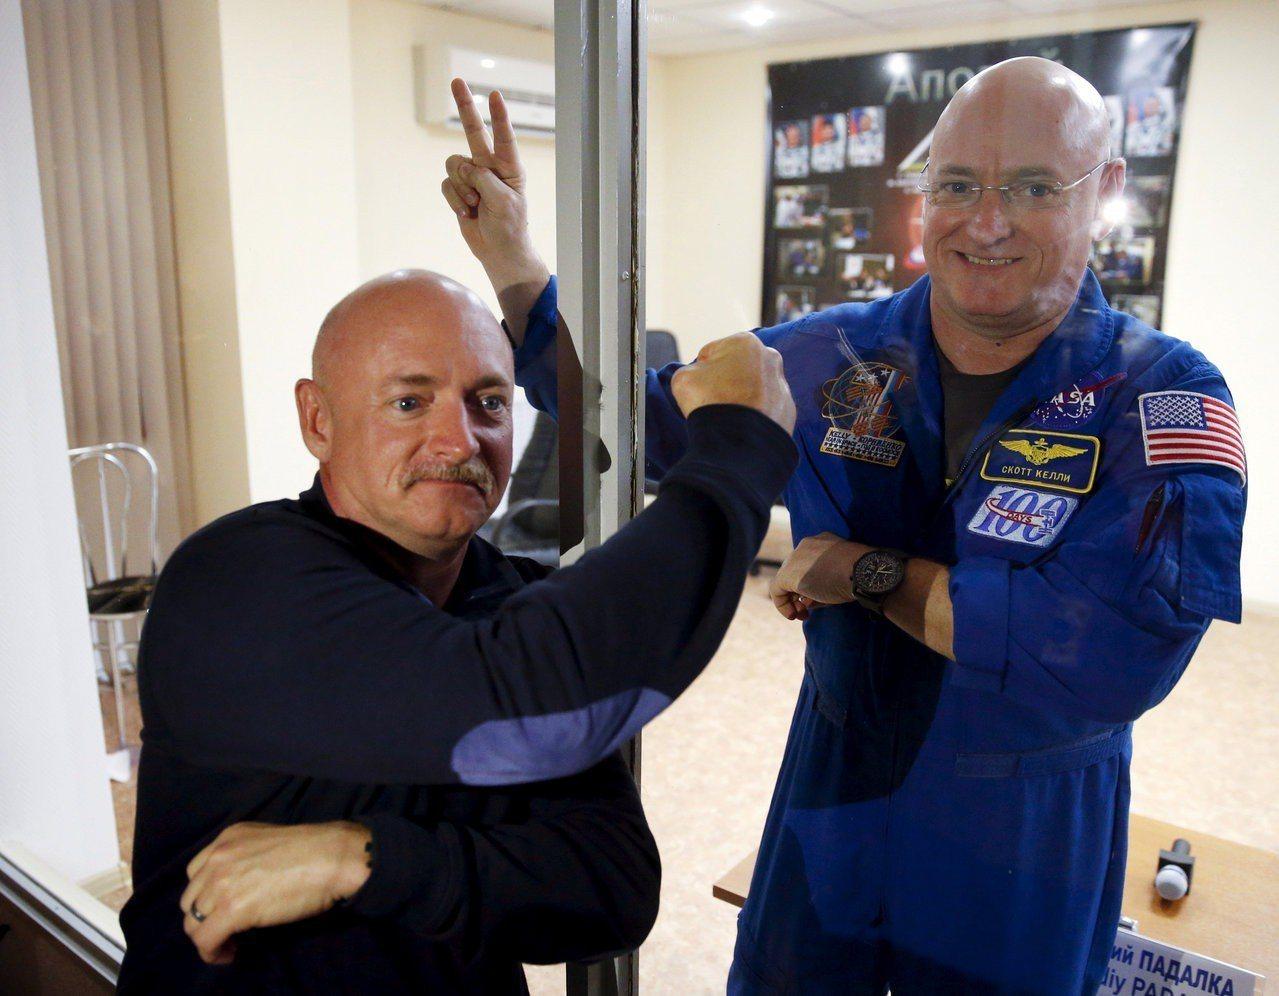 美國太空總署太空人史考特凱利(右)在國際太空站待了340天返回地球後,科學家比較...